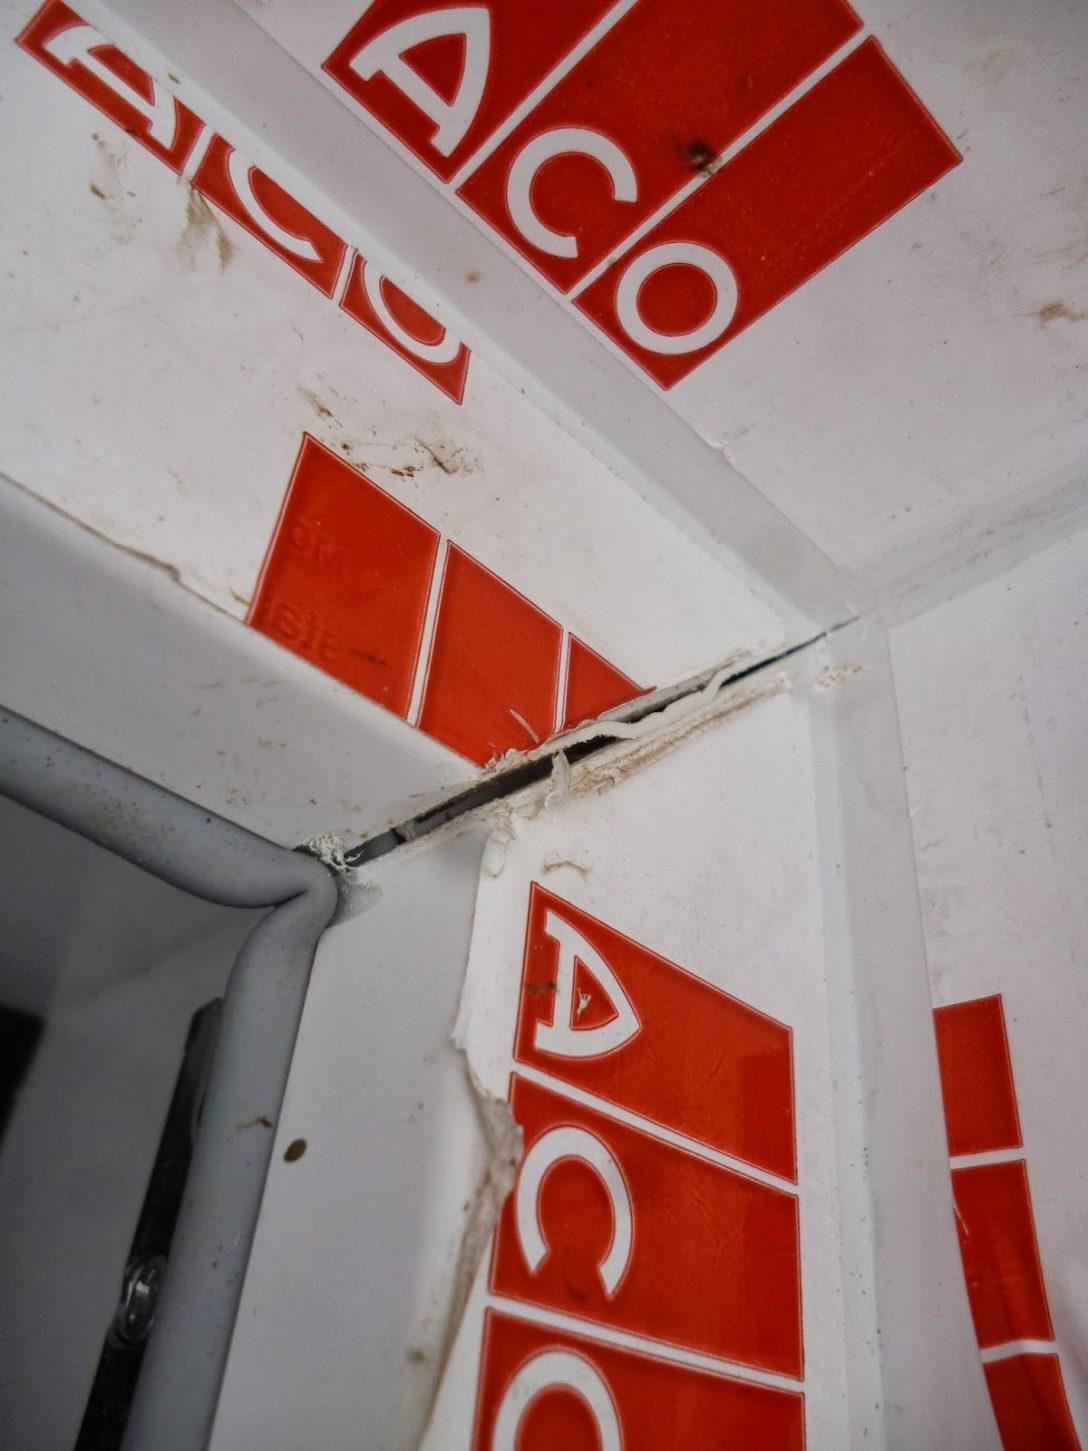 Large Size of Aco Fenster Kellerfenster Schweiz Einsatz Einstellen Kellerlichtschacht Fensterrahmen Therm Preisliste Keller Ersatzteile Stallfenster Einbruchschutz 2019 Fenster Aco Fenster